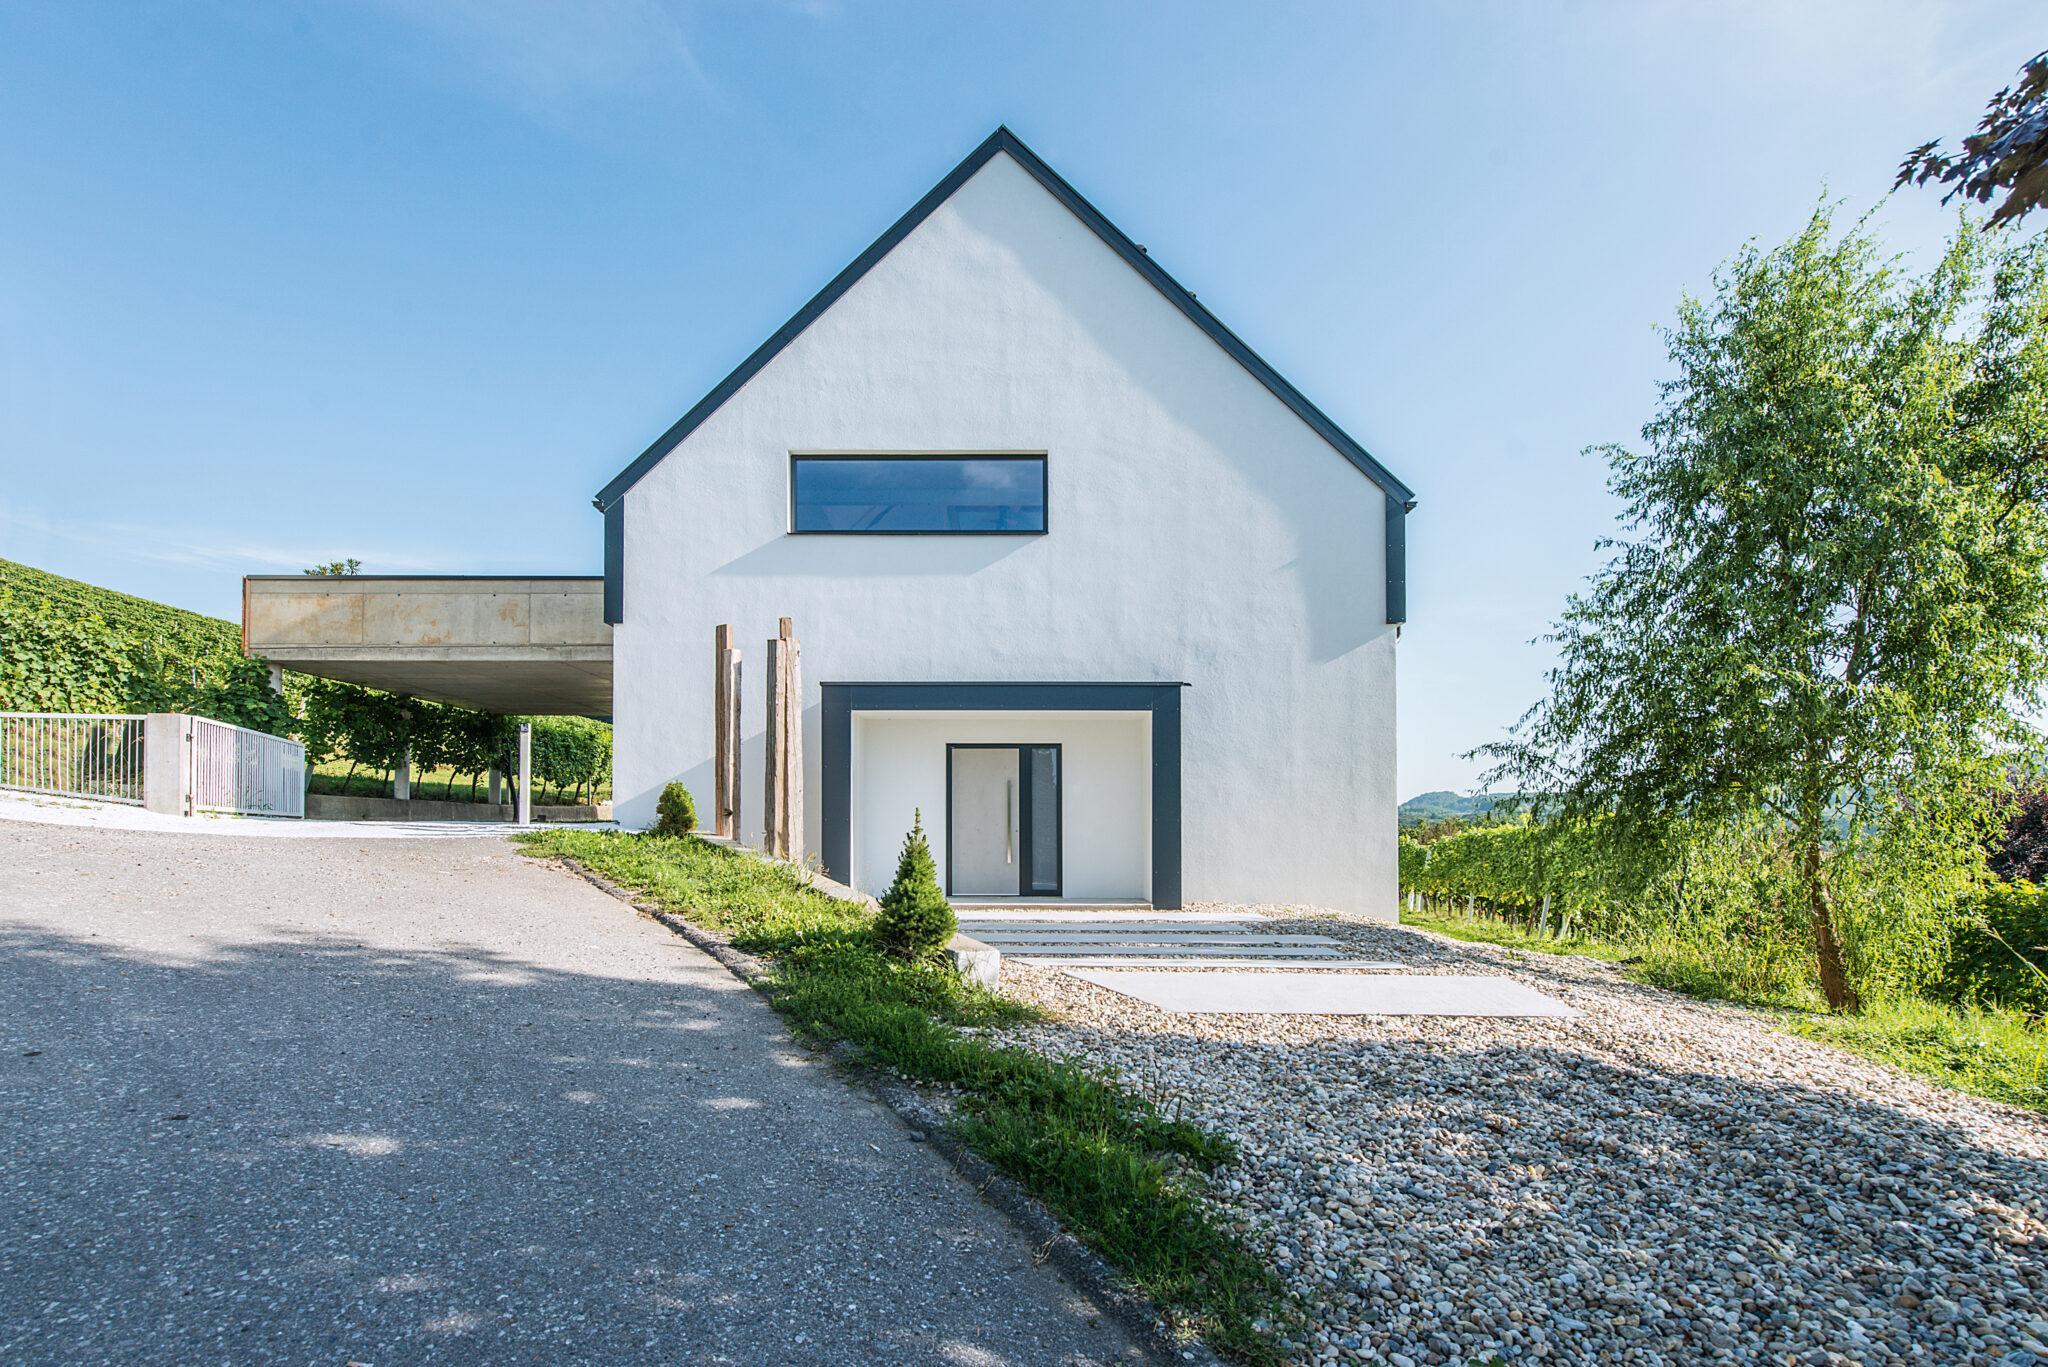 Fenster, Türen, Garagentore, Haustüre, Umbau, Internorm, Hörmann